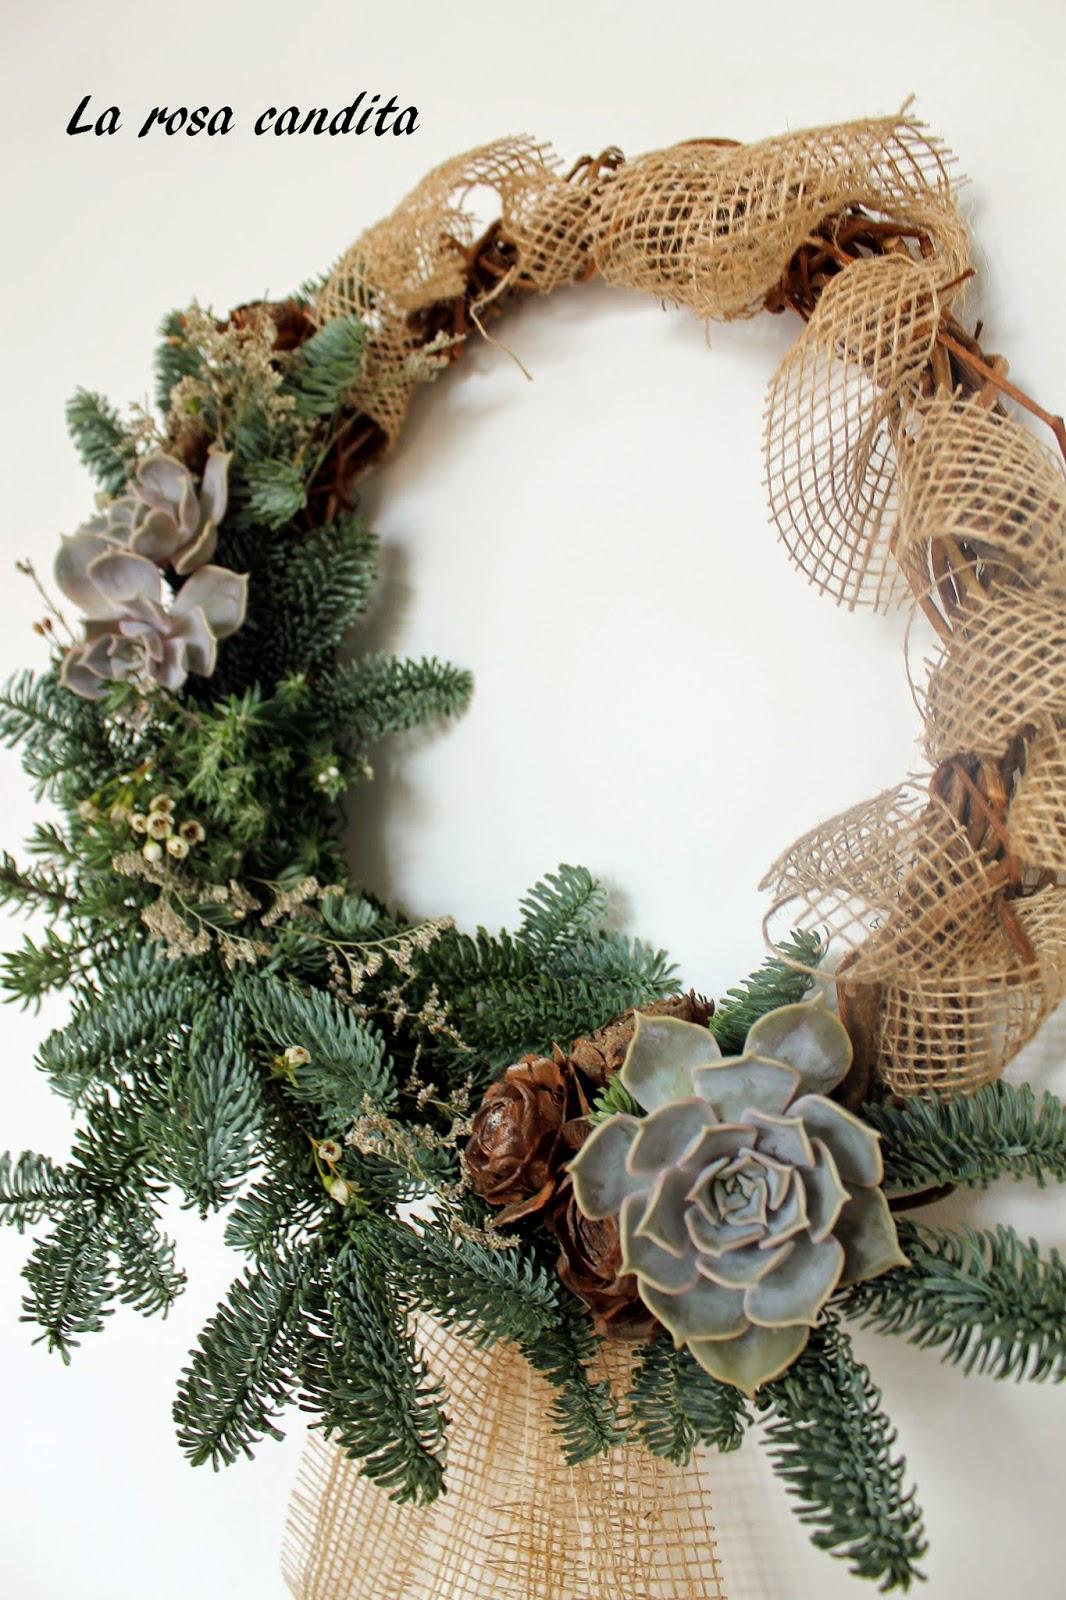 La rosa candita ghirlande e decorazioni natalizie - Corone natalizie da appendere alla porta ...